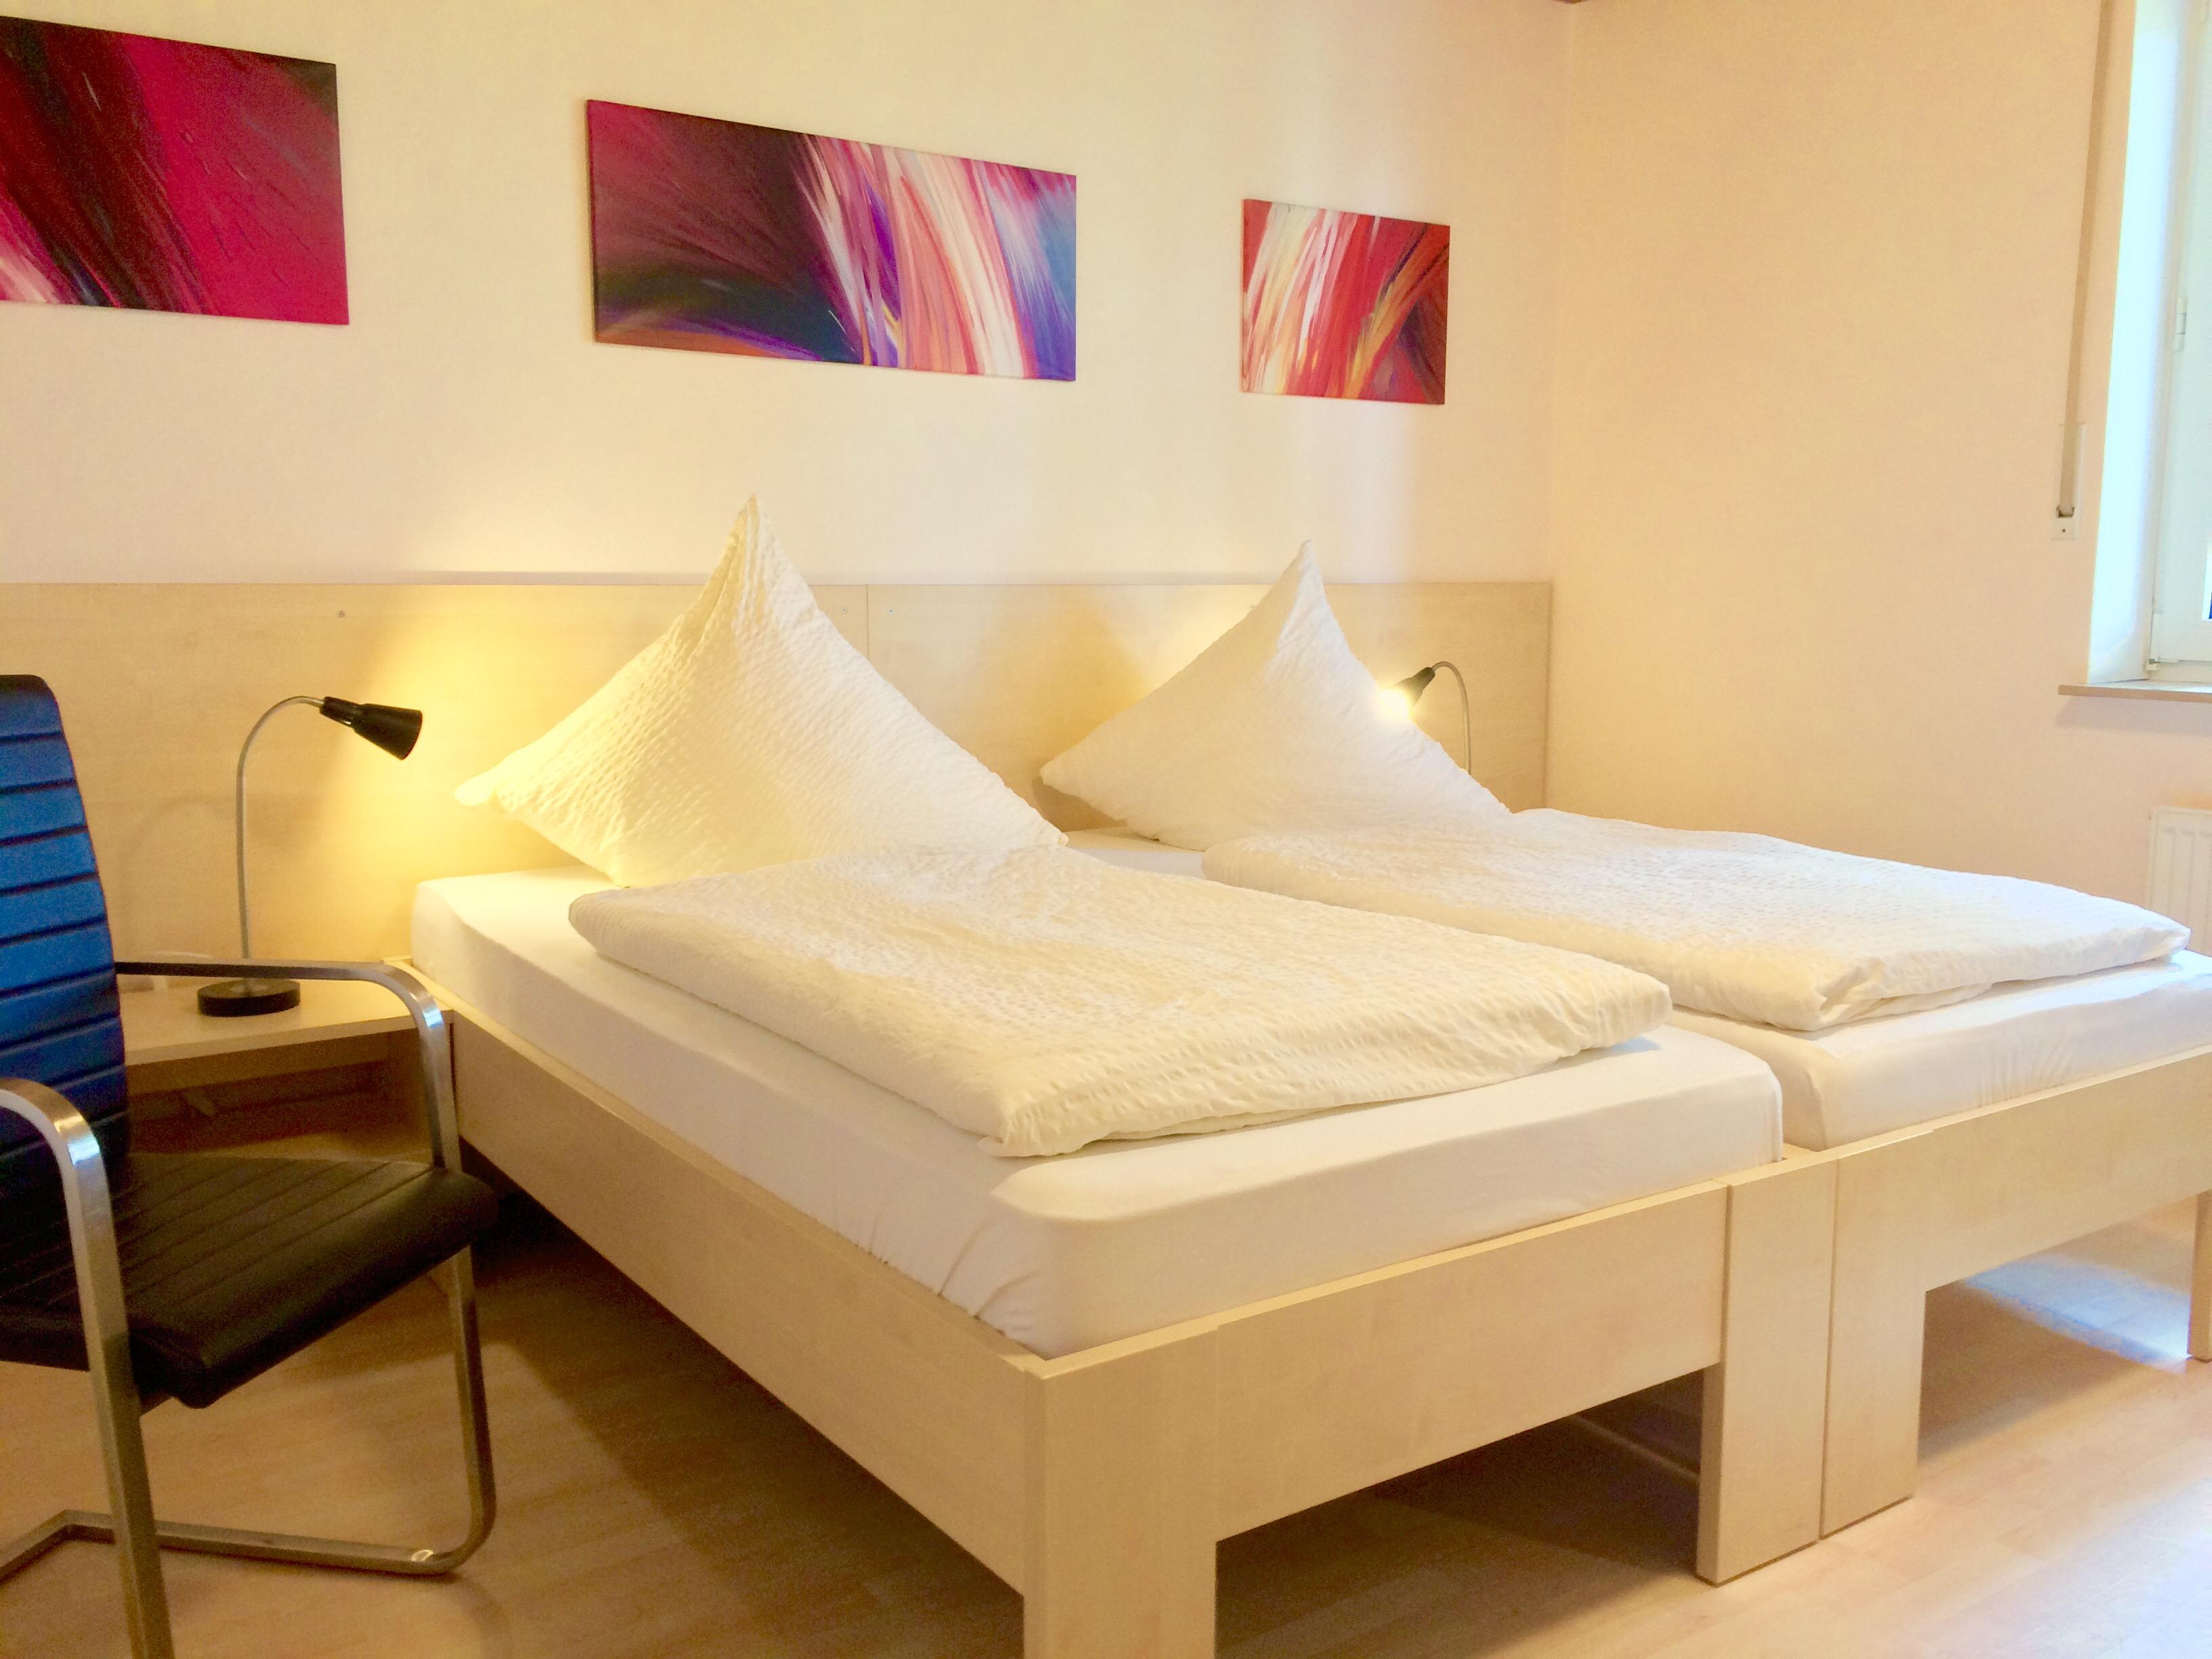 Doppelzimmer in Bad Waldliesborn - Agentur für Zimmervermittlung Lippstadt